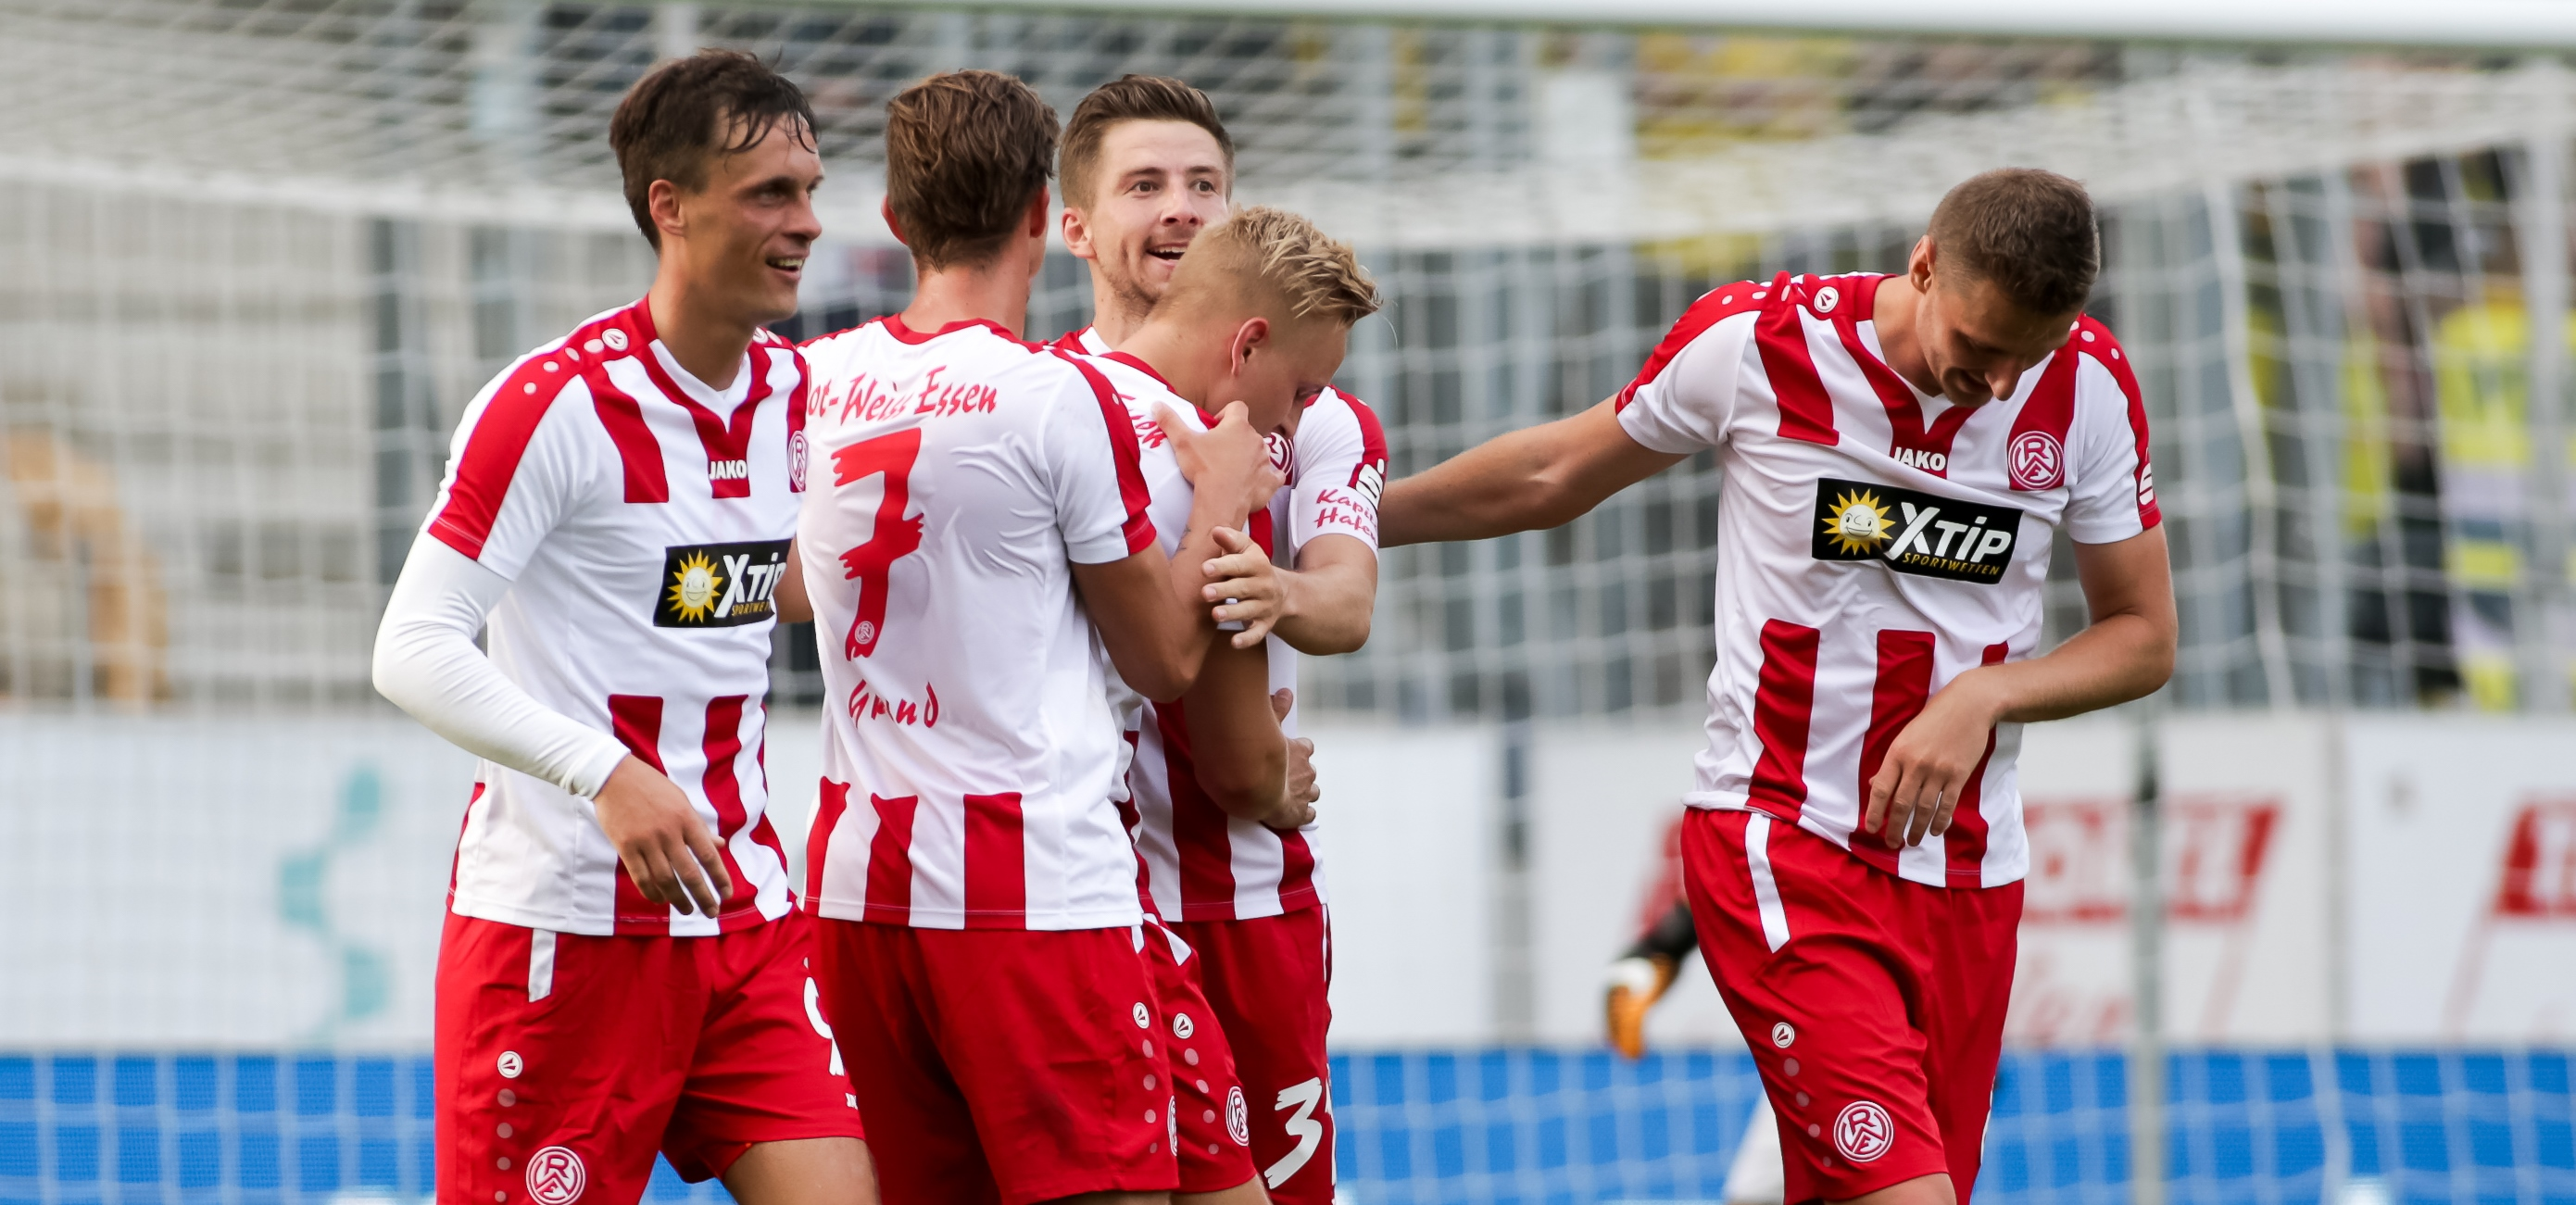 Die Generalprobe vor dem Restrundenauftakt gewannen die Rot-Weissen in Marl-Sinsen mit 1:0. (Foto: Endberg)